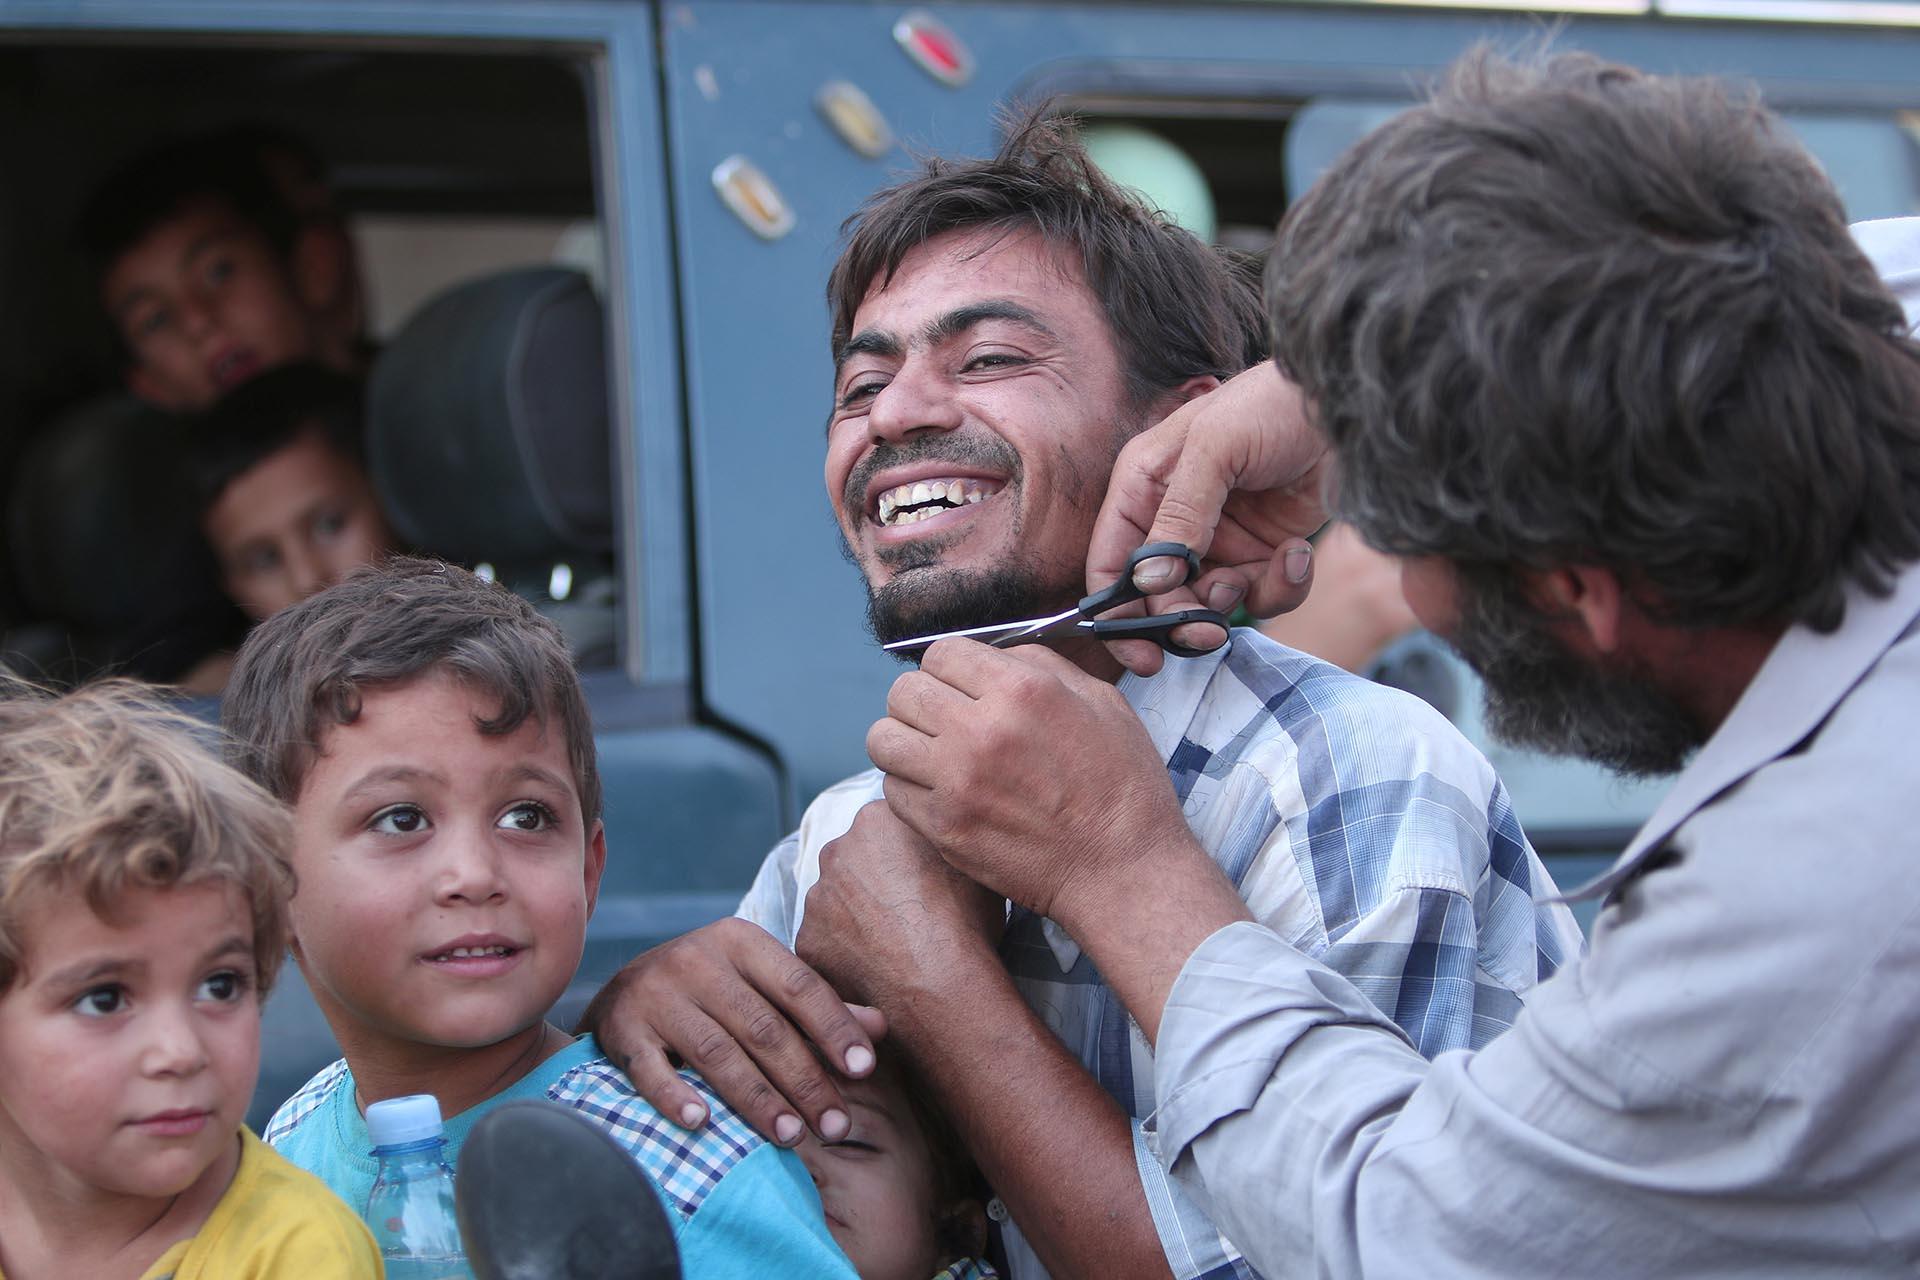 Un hombre corta su barba en público con una sonrisa única. ISIS obligaba a los habitantes de Manbij a usar una barba tupida, como dicta el islam radical (Reuters)